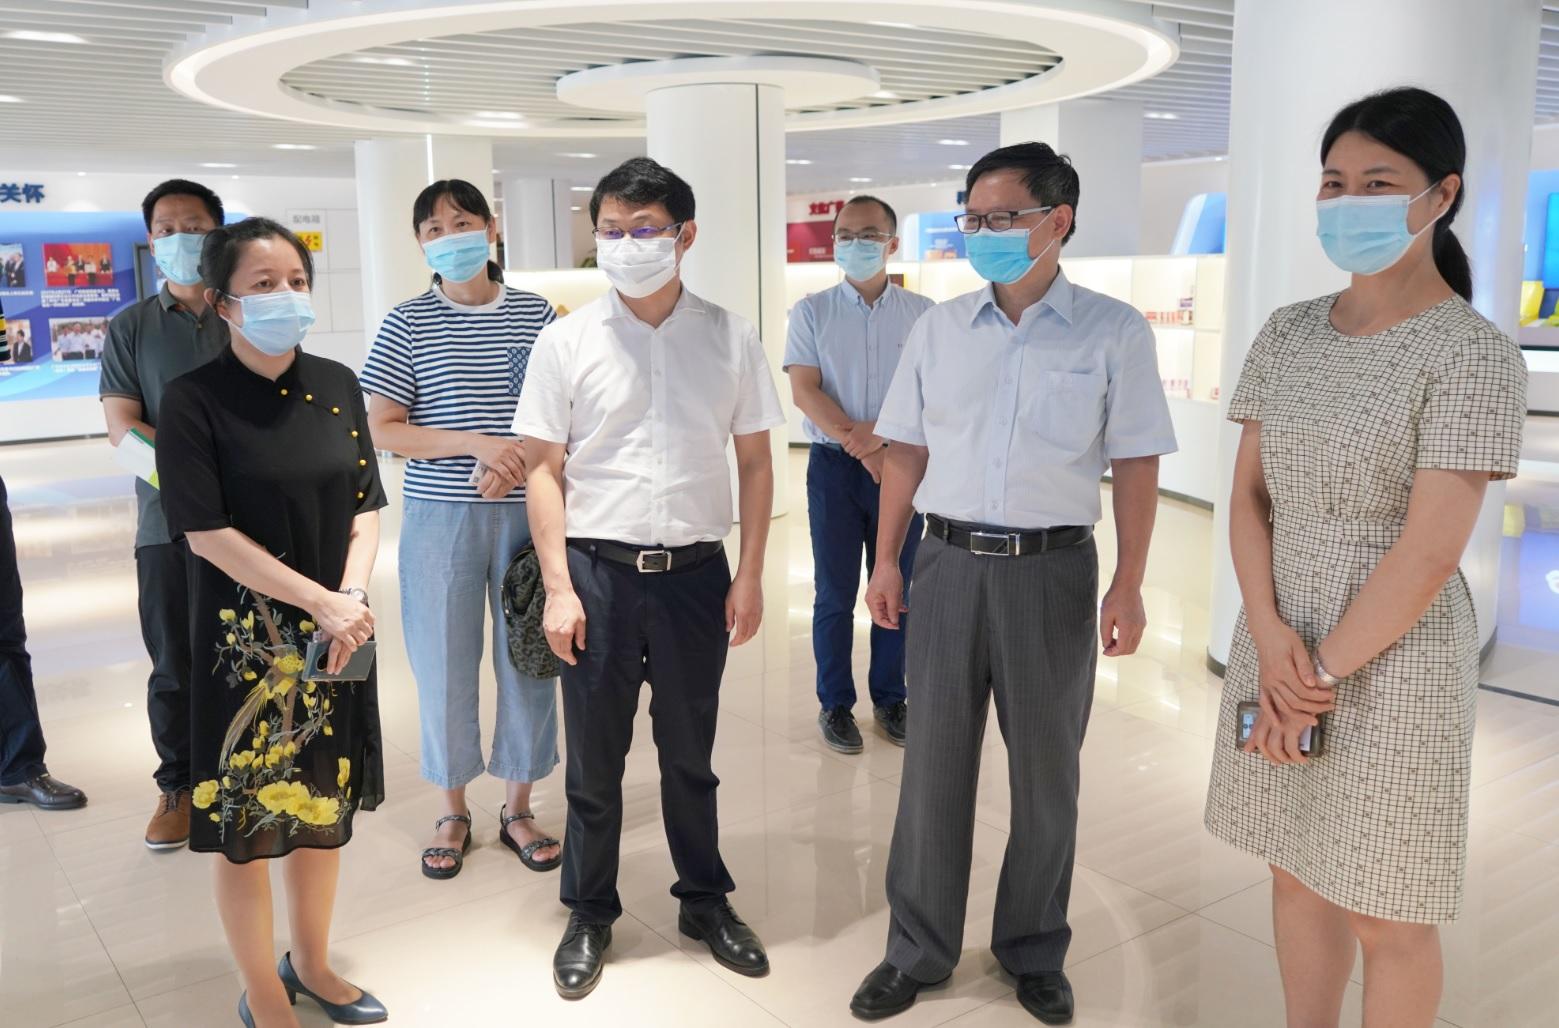 广州市工信局副局长张建华一行到广药集团白云山制药总厂调研